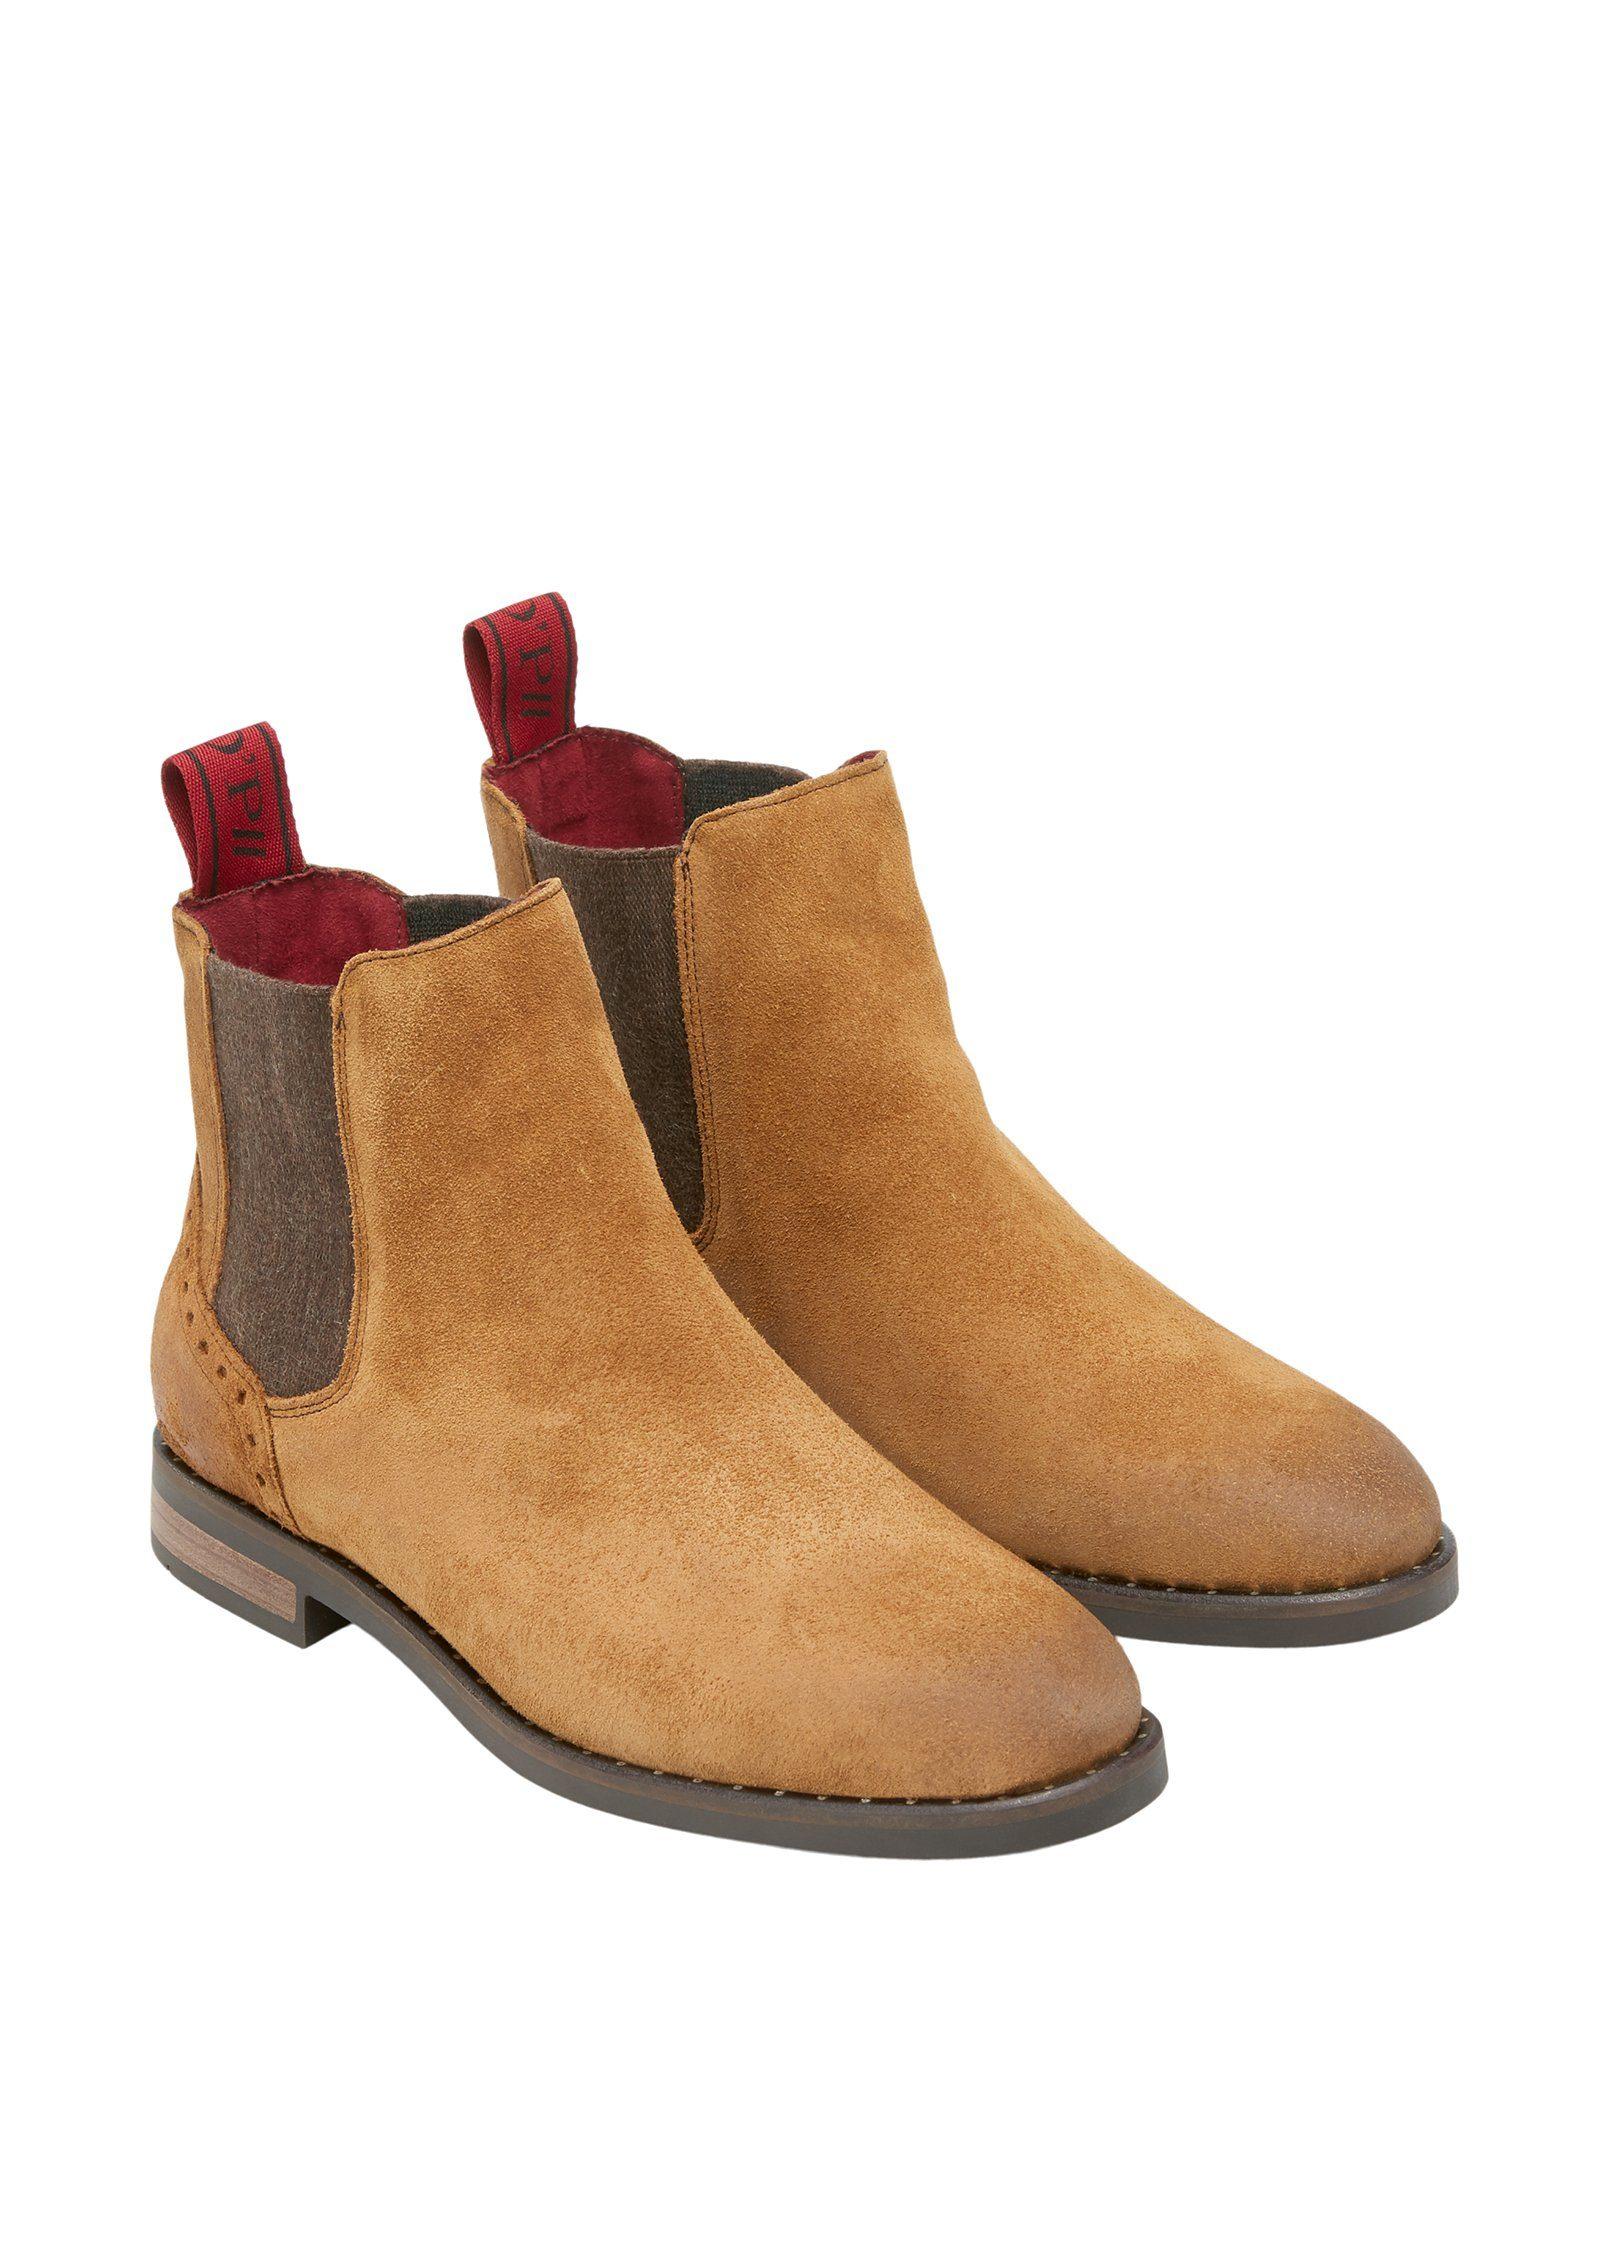 Weihnachten Timberland klassische strick bootsschuhe Elegant